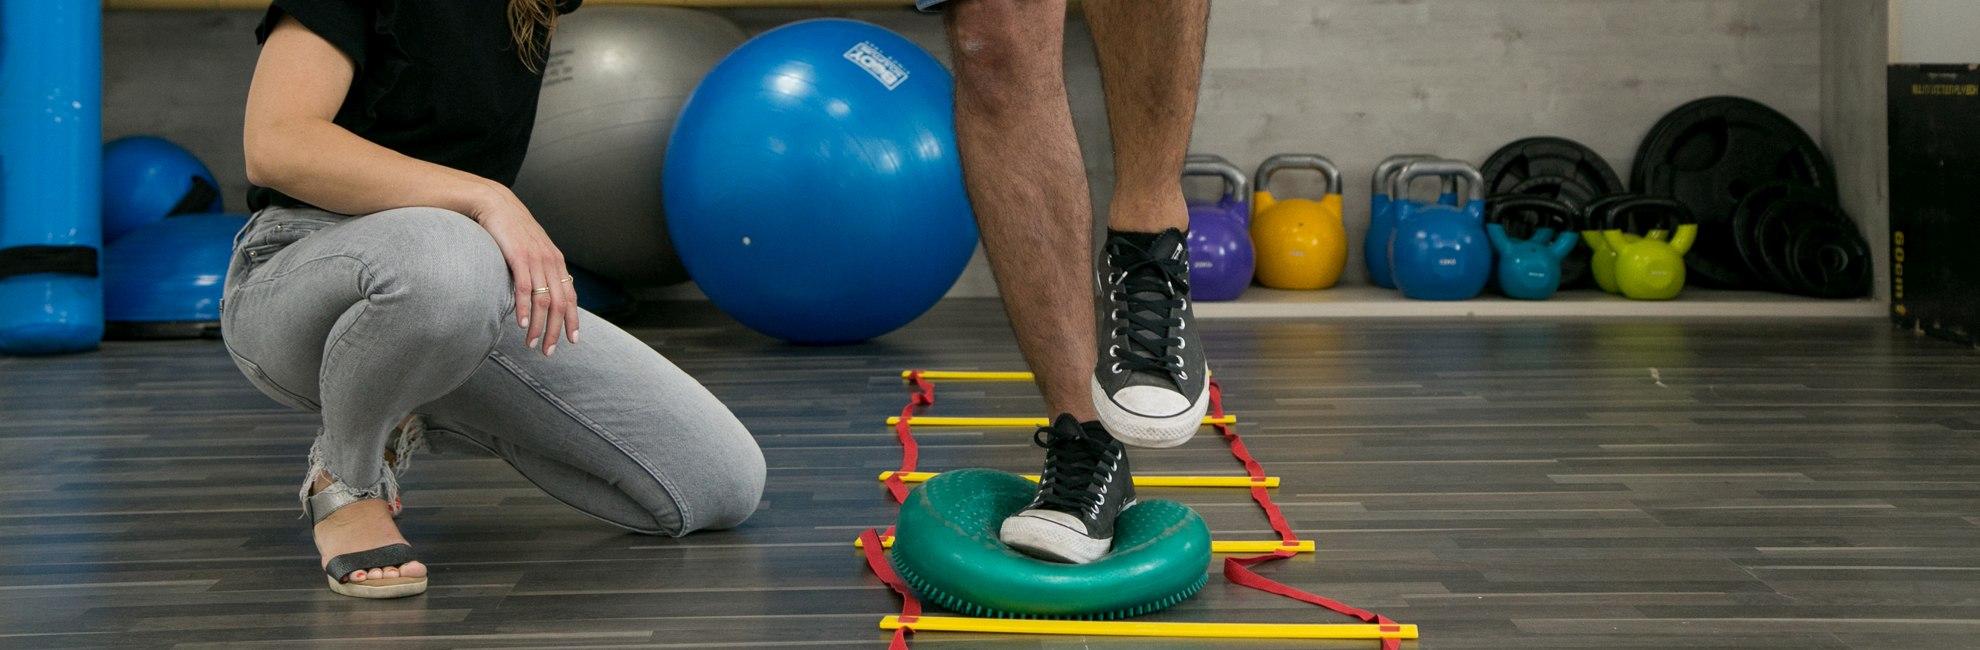 טיפולי פיזיותרפיה אזור כף הרגל